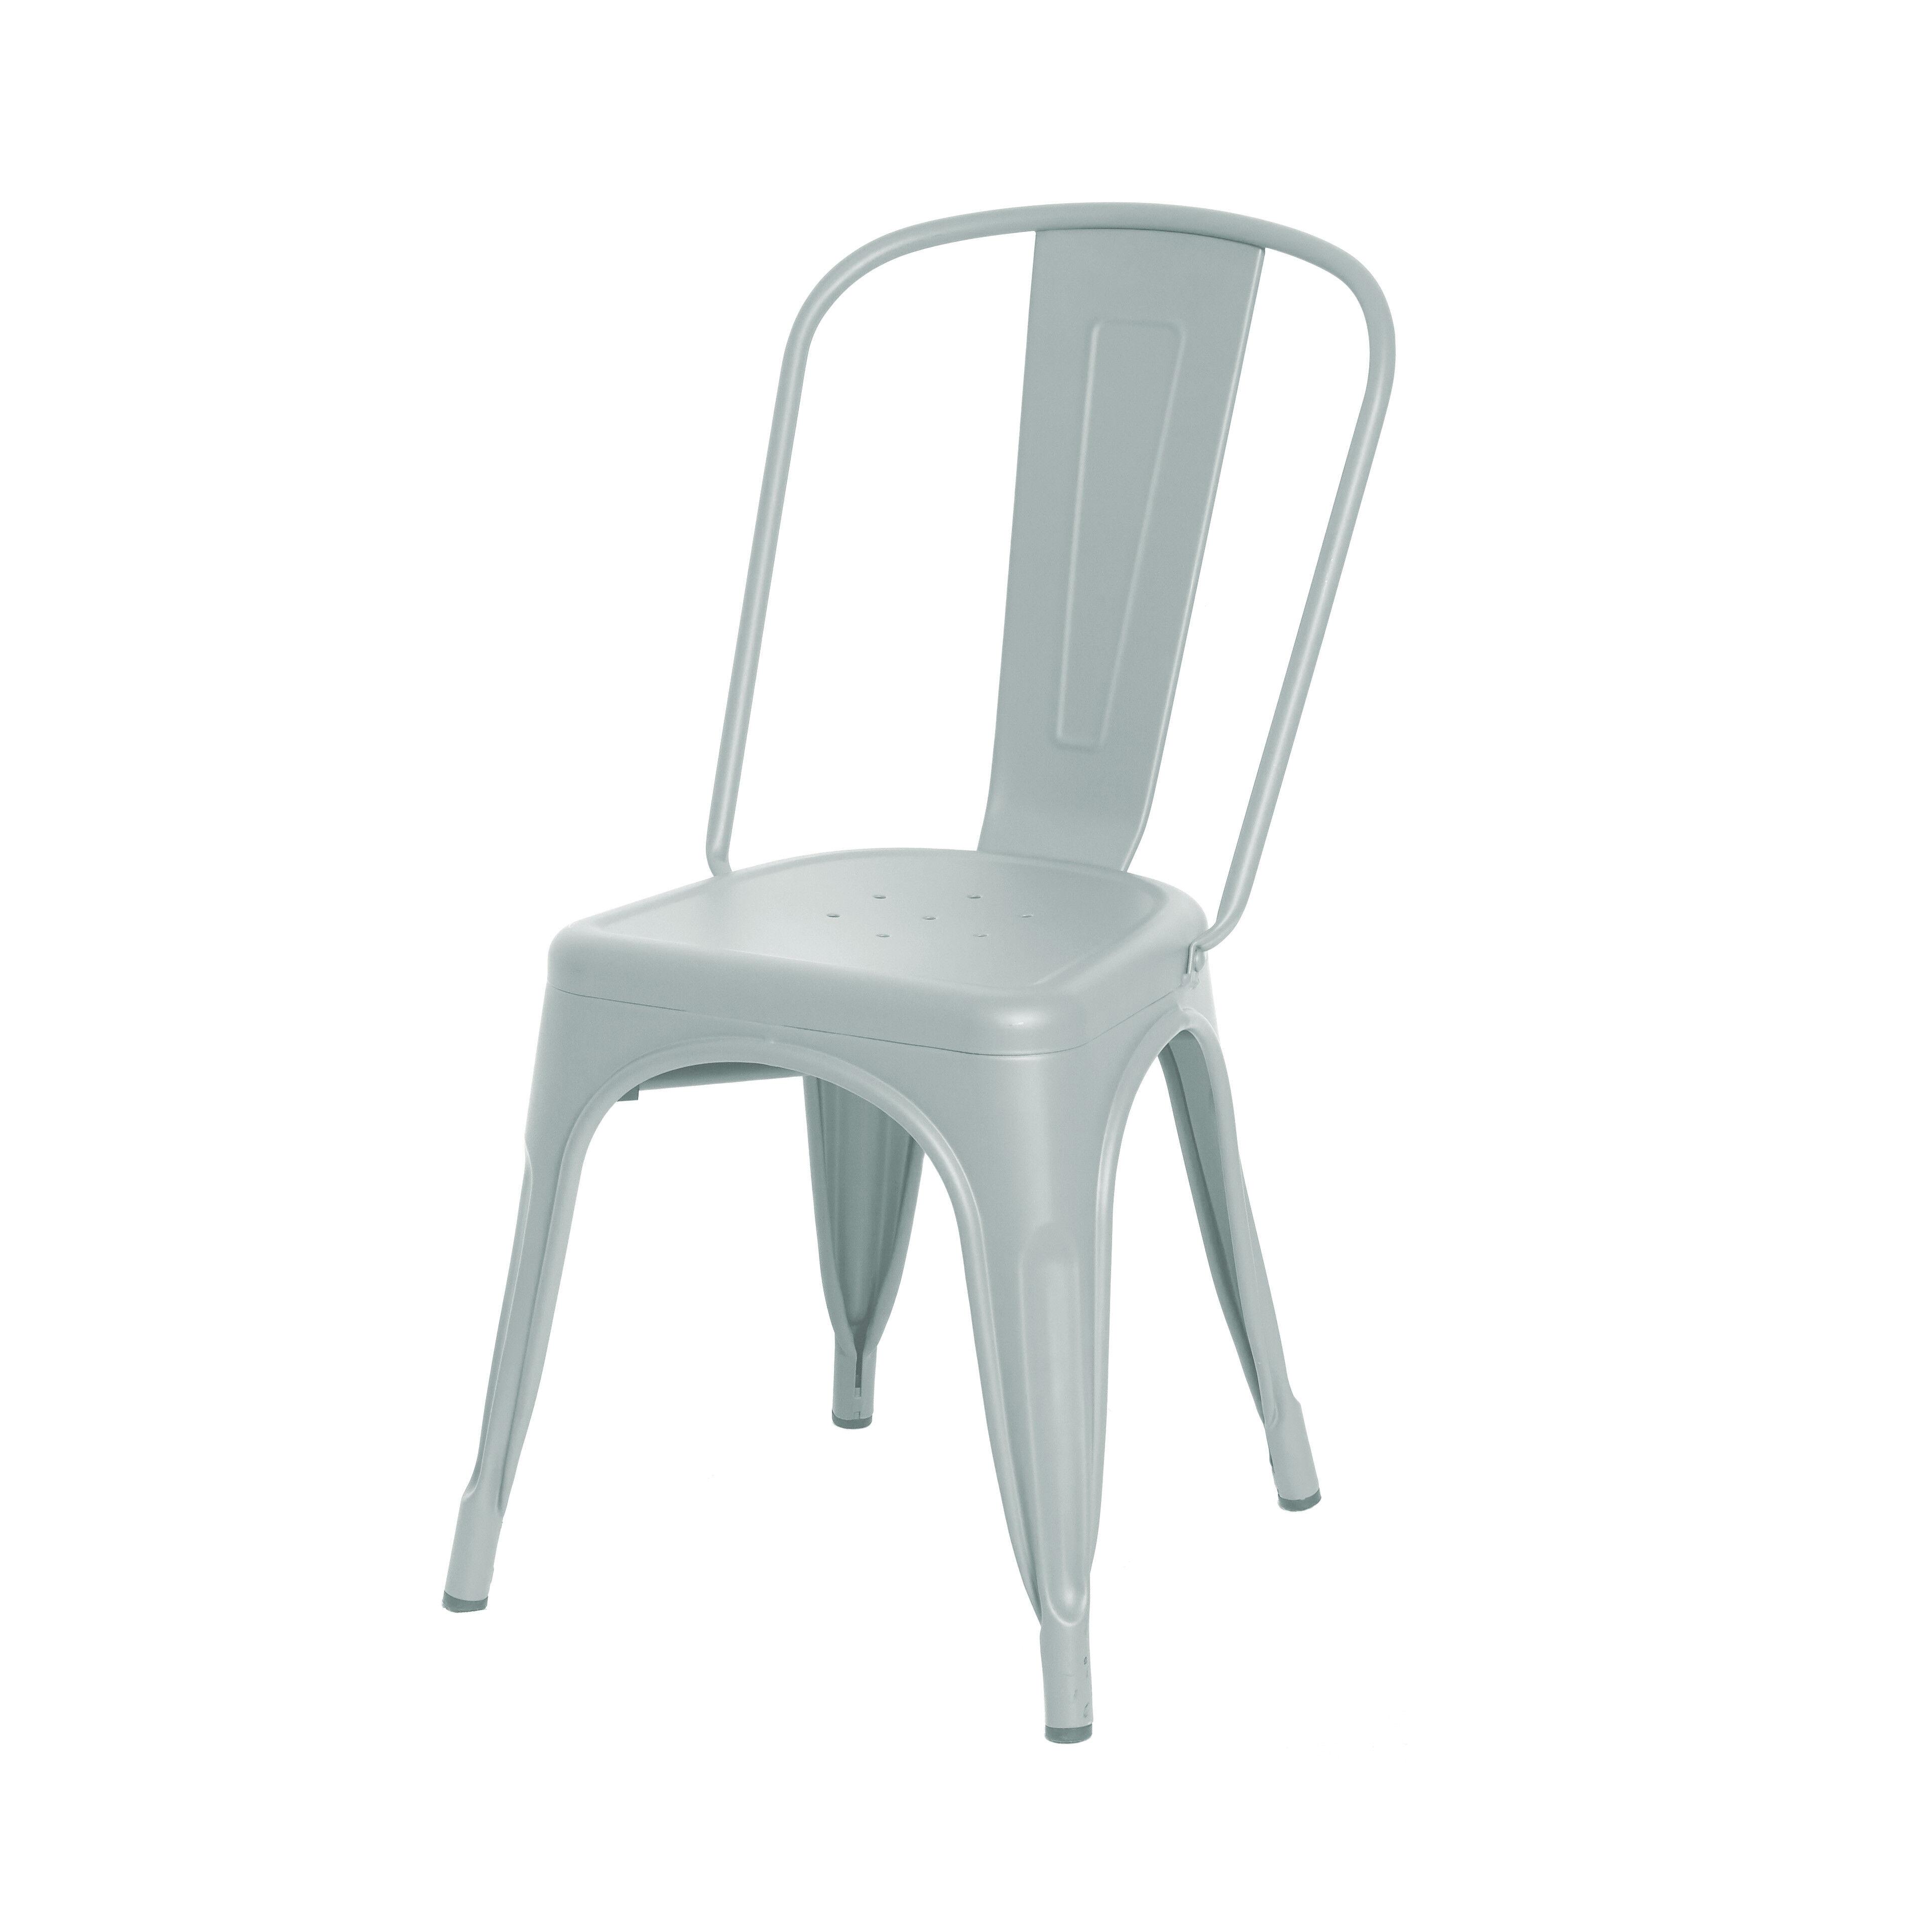 Sedie da cucina, sedie di design e sgabelli | Coincasa